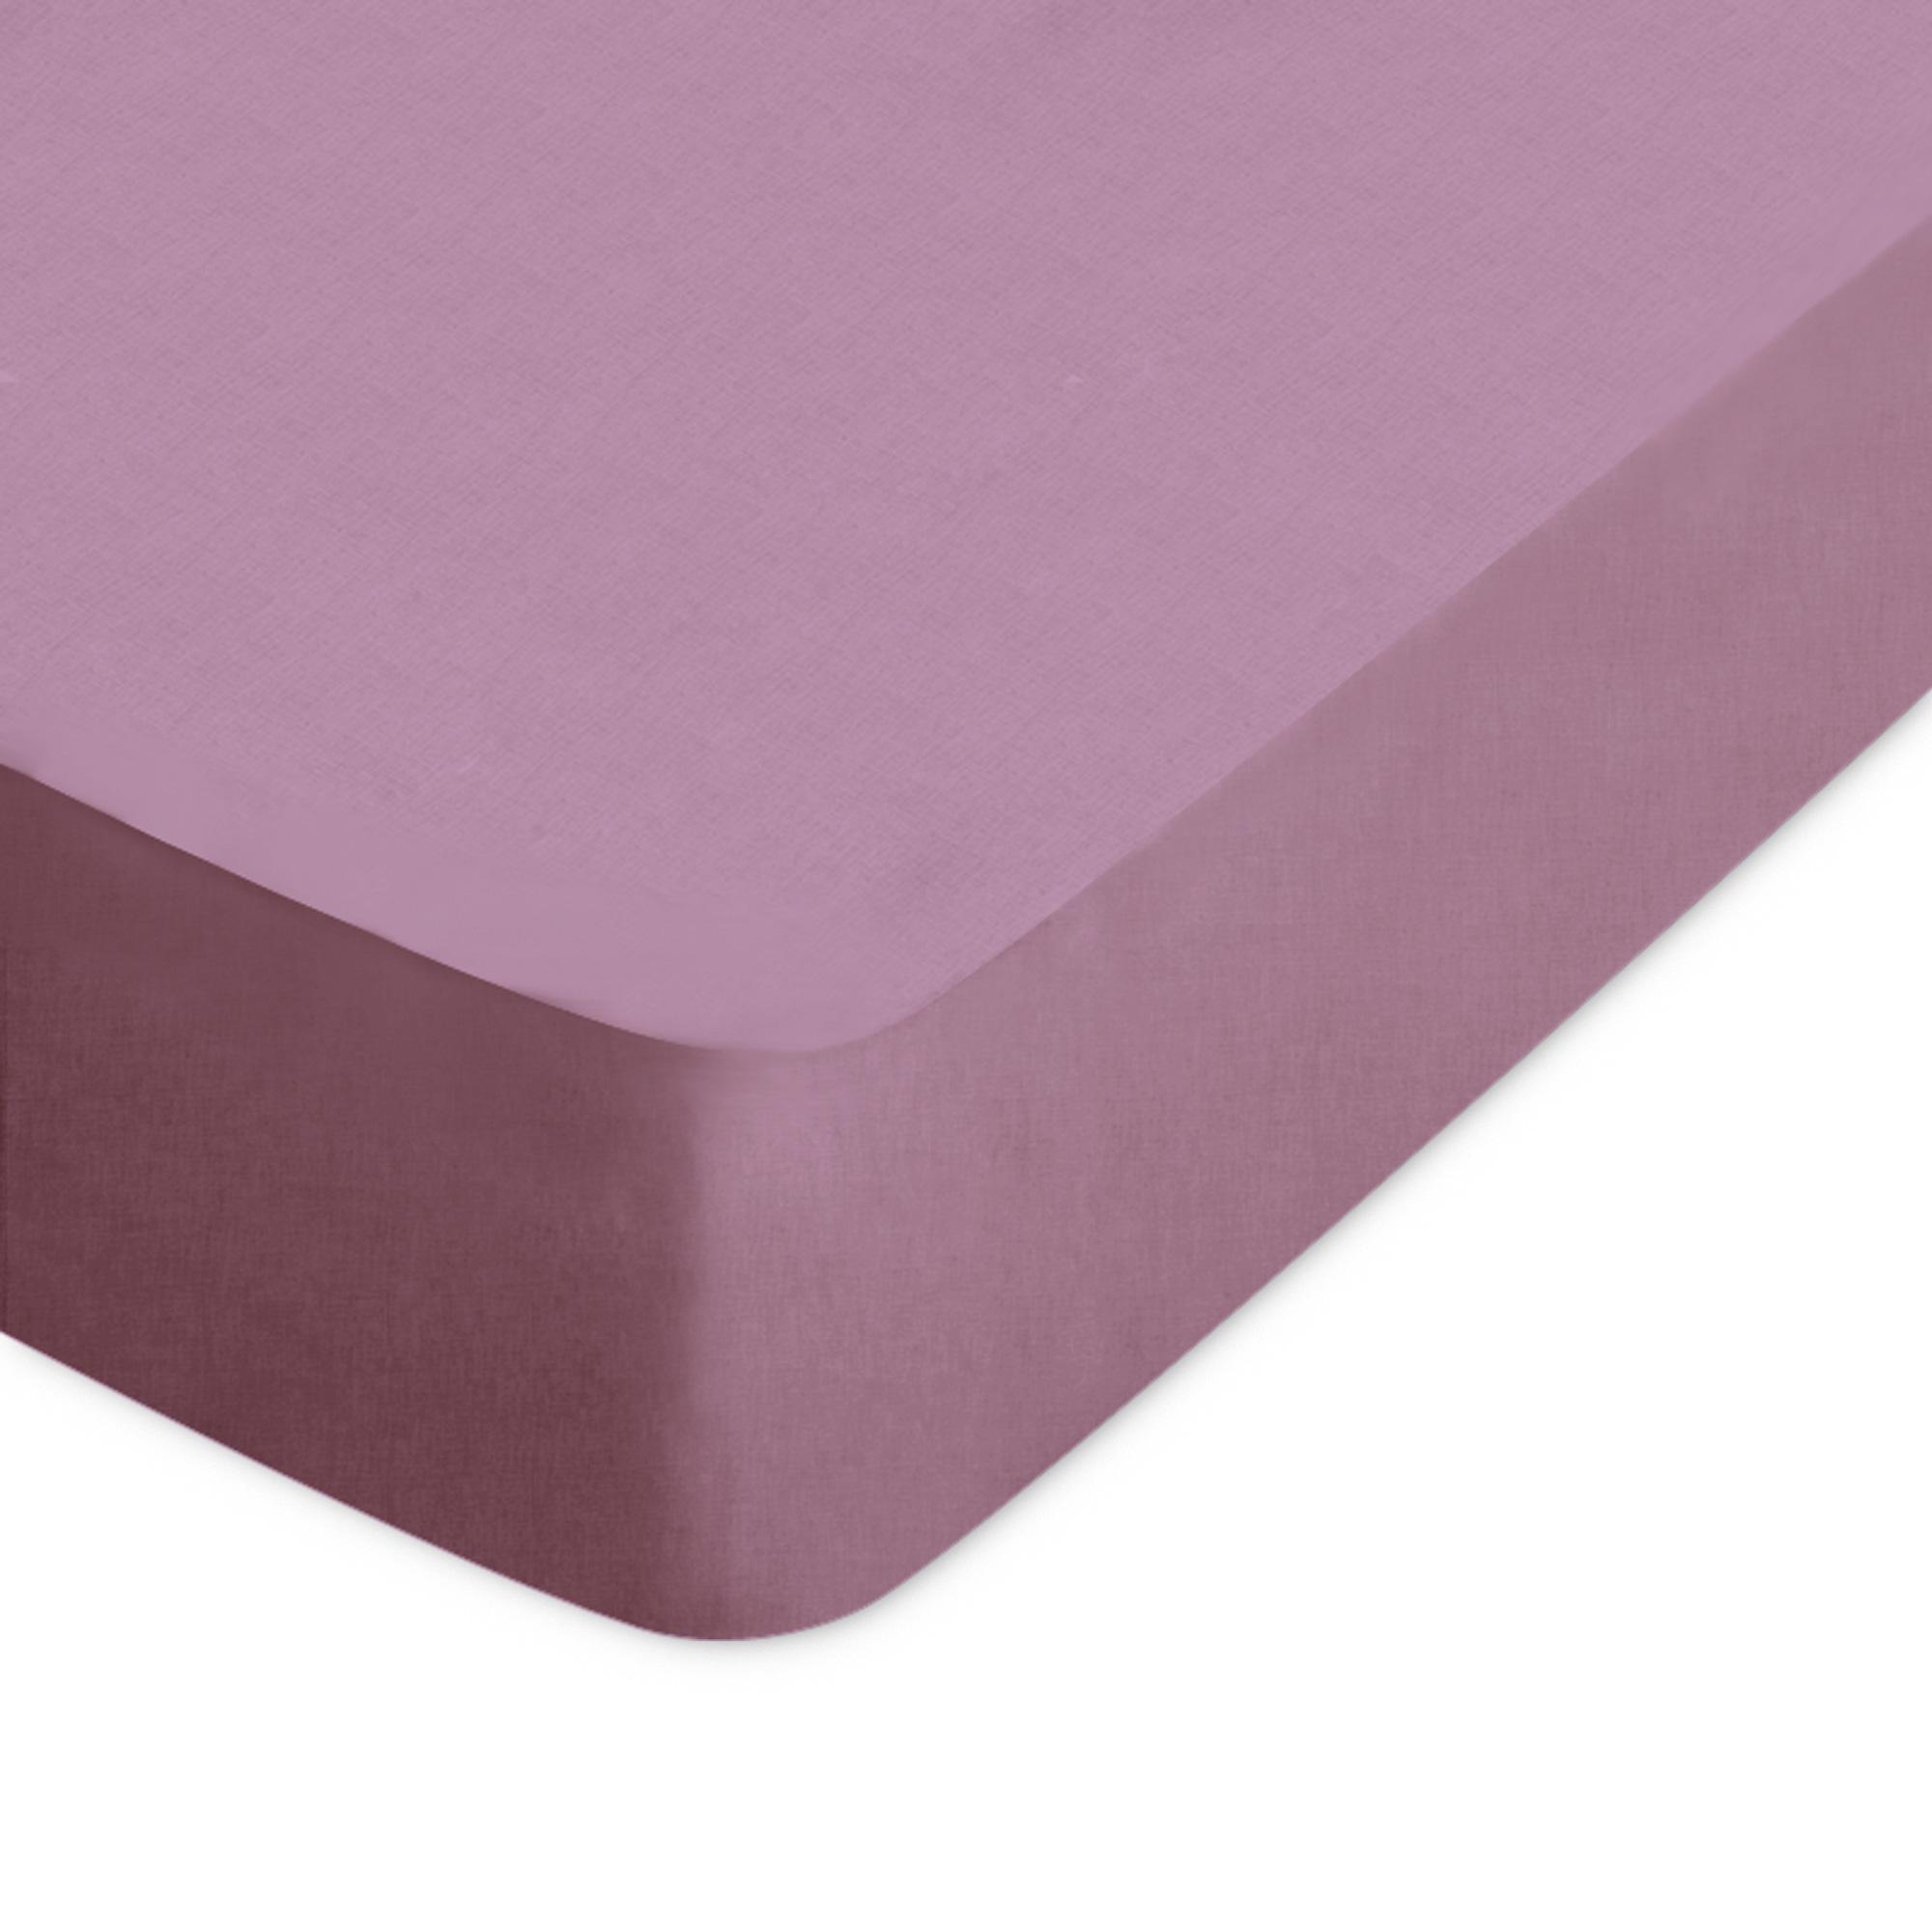 Drap housse 160x190cm uni pur coton ALTO violet Raisin | Linnea